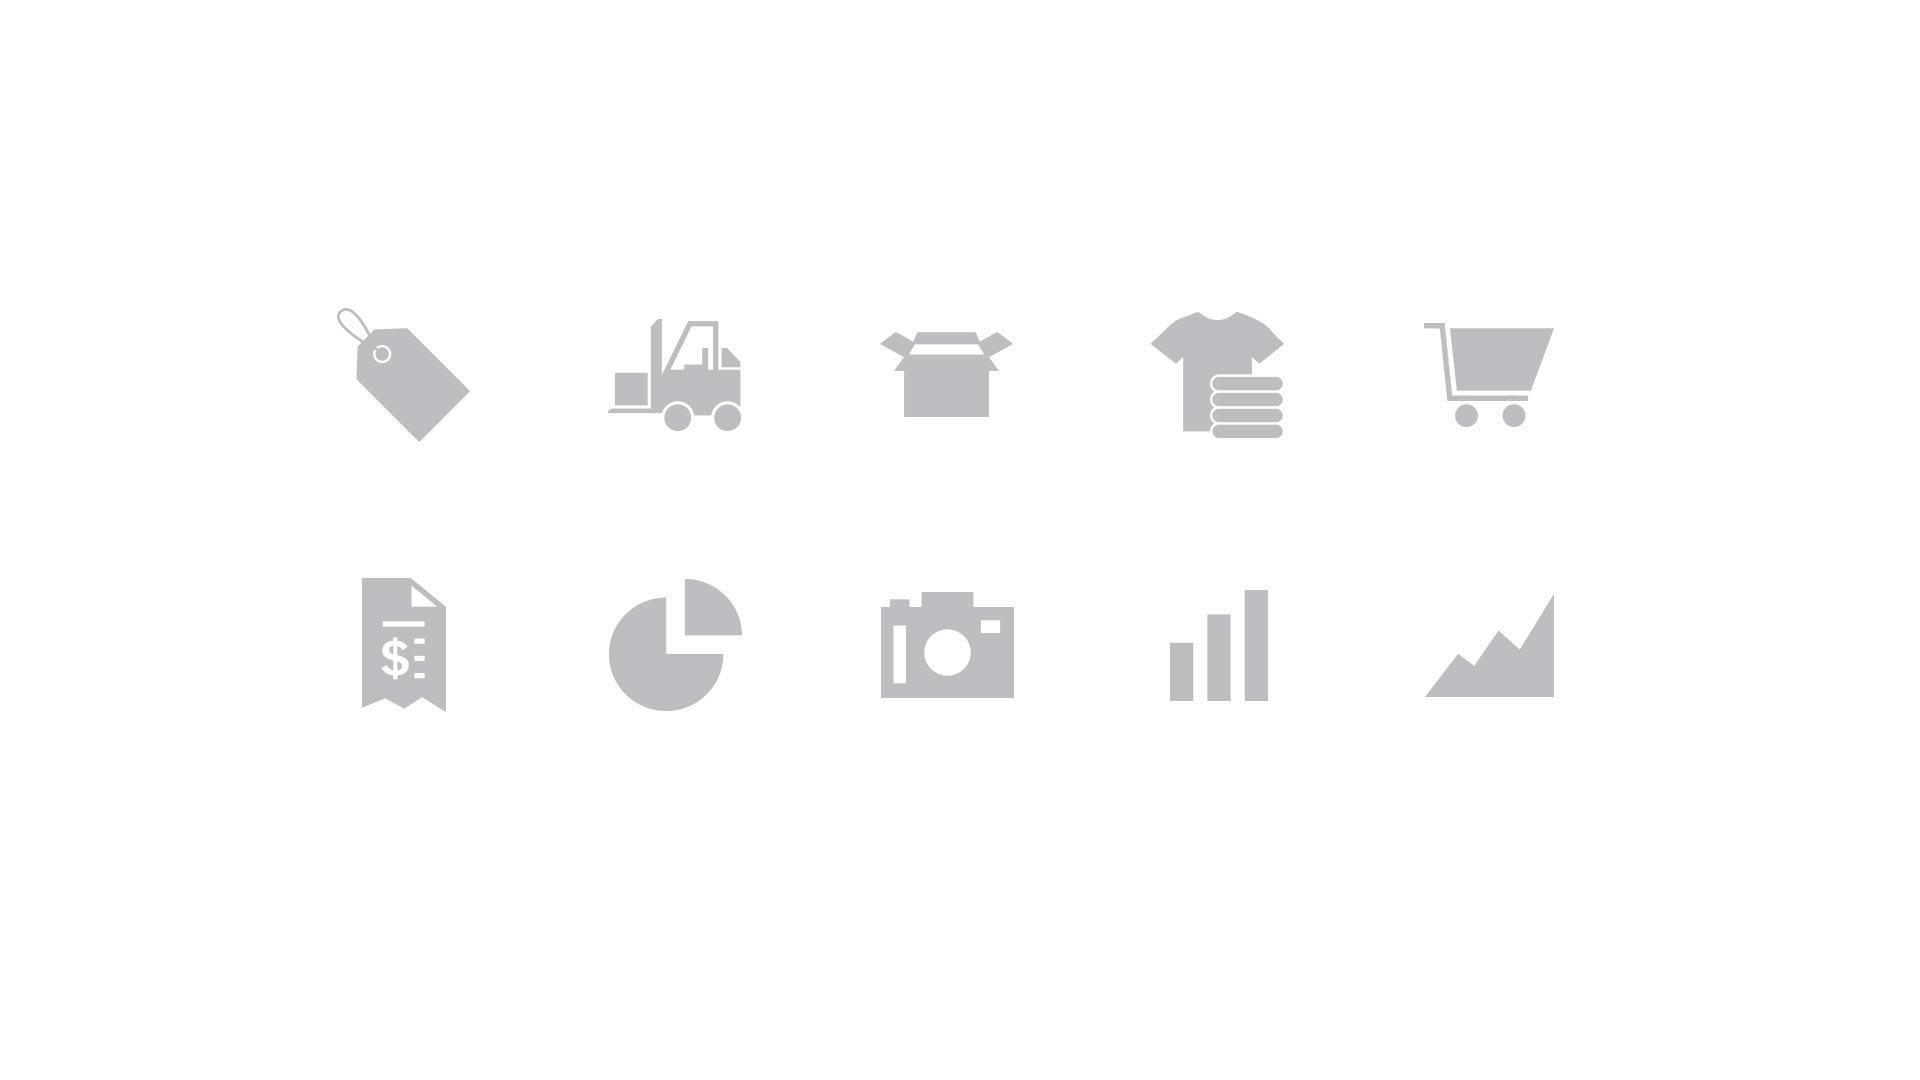 icons-copy